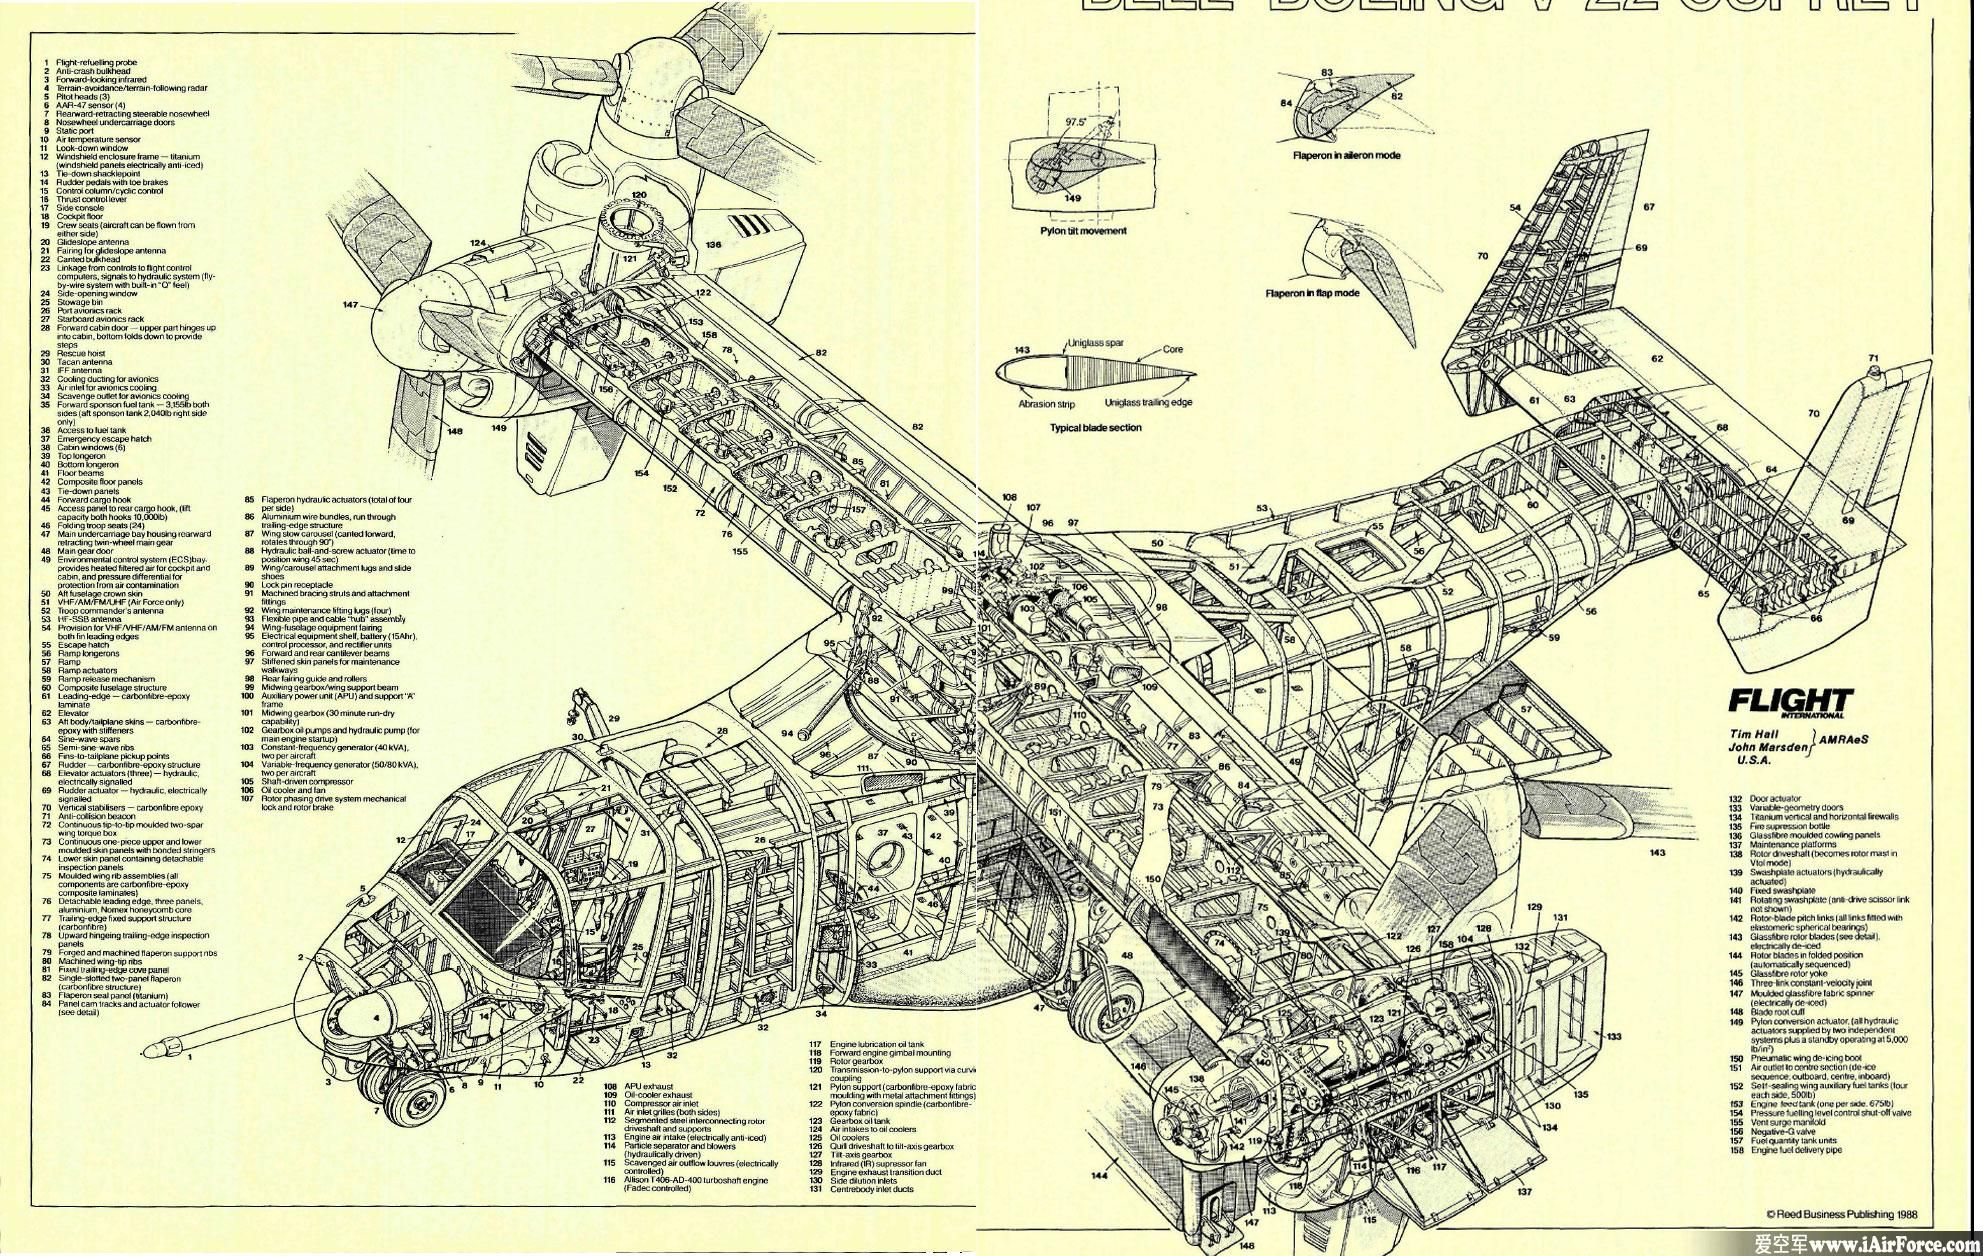 v 22 osprey cutaway aerospace cutaways and diagrams Osprey Drawing